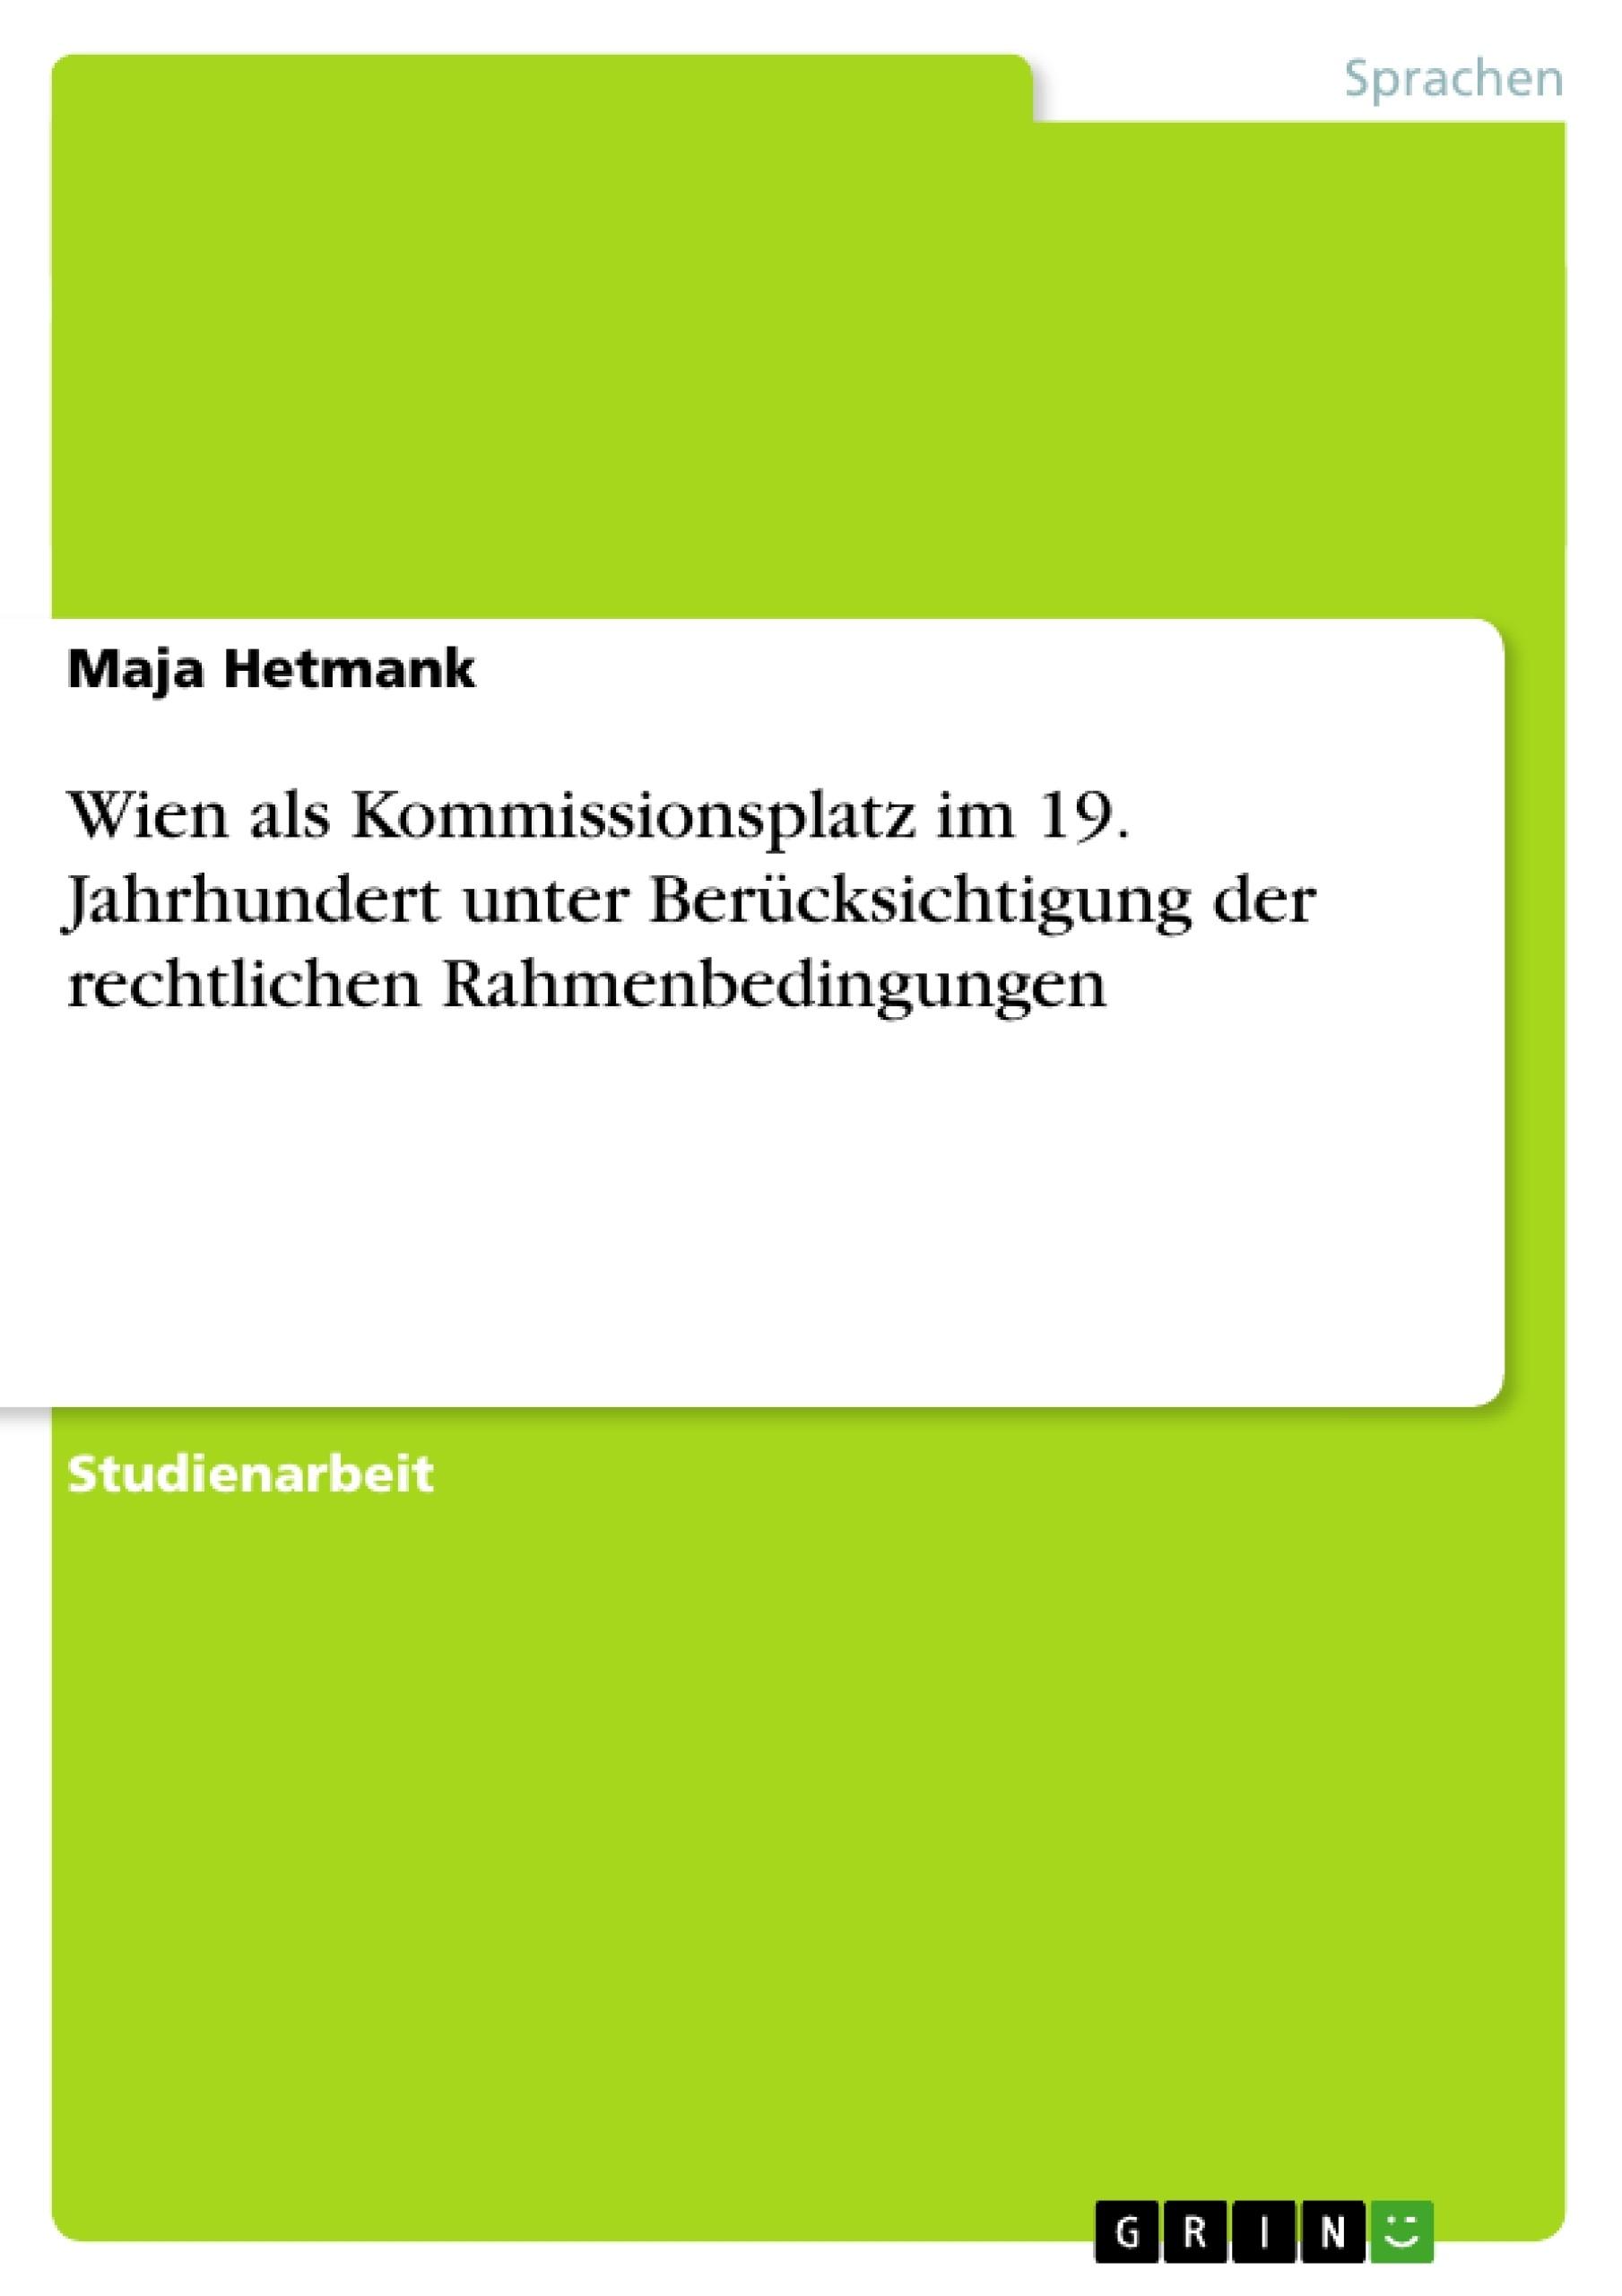 Titel: Wien als Kommissionsplatz im 19. Jahrhundert unter Berücksichtigung der rechtlichen Rahmenbedingungen